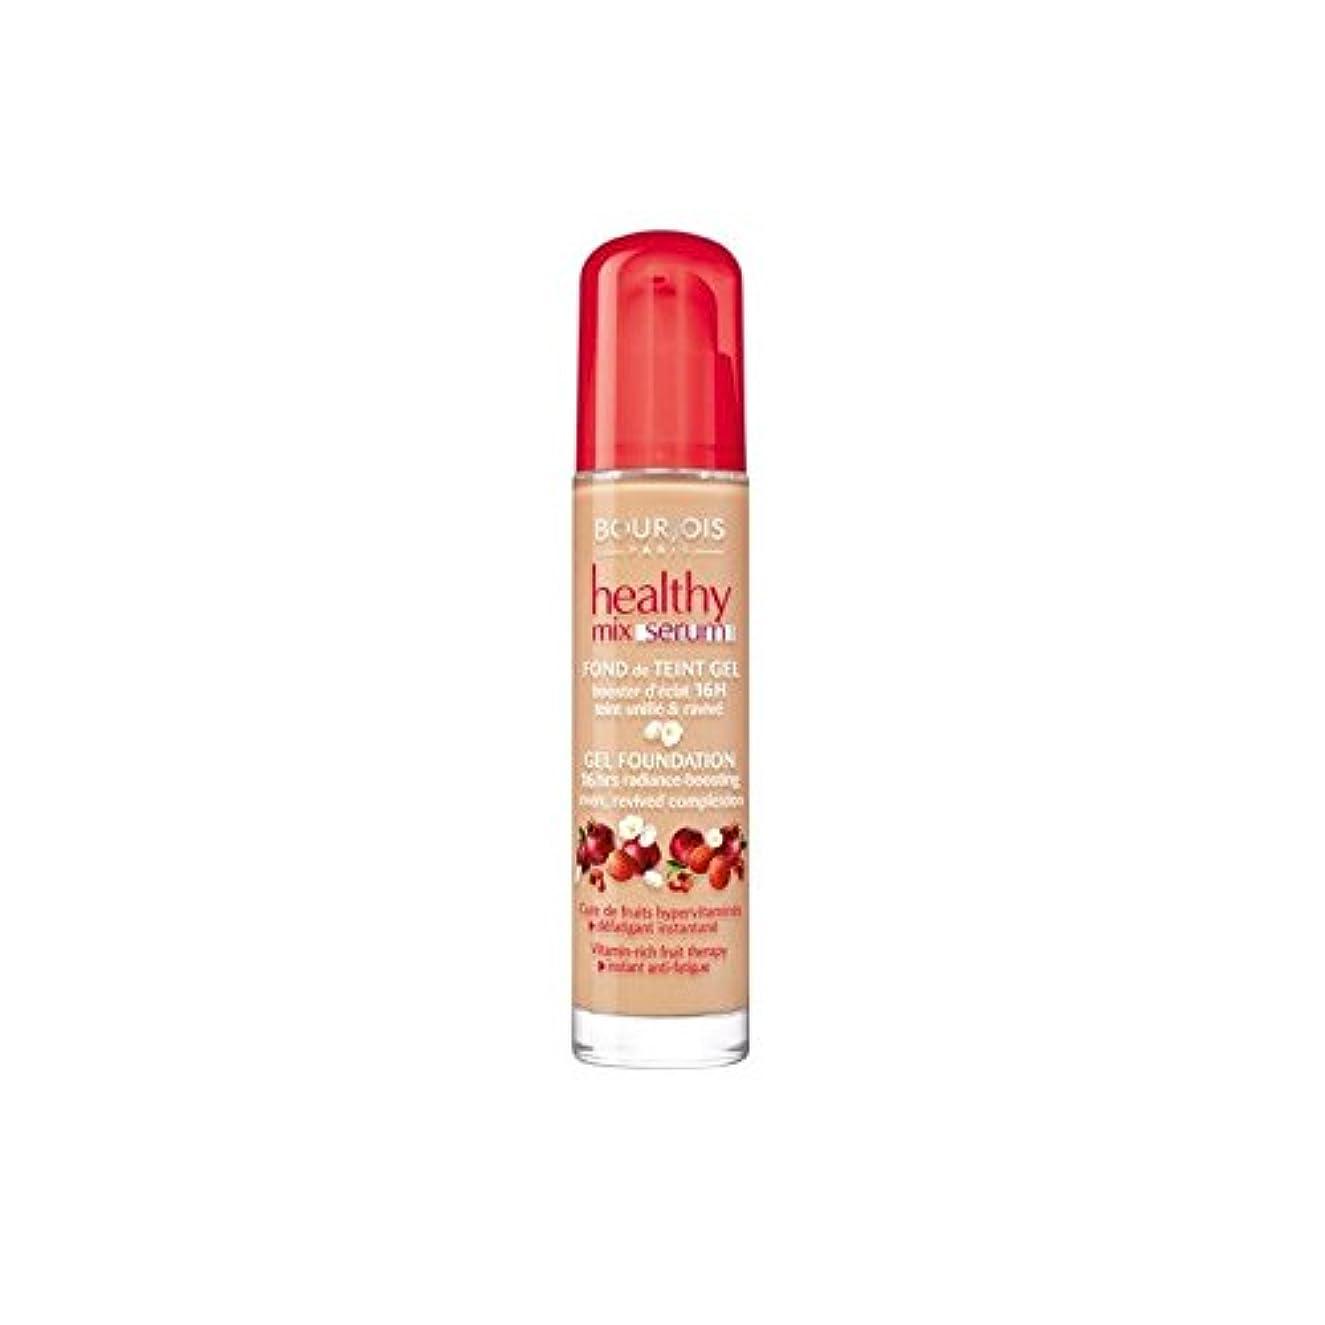 ブルジョワヘルシーミックス血清基盤ベージュ 55 x4 - Bourjois Healthy Mix Serum Foundation Beige Fonce 55 (Pack of 4) [並行輸入品]